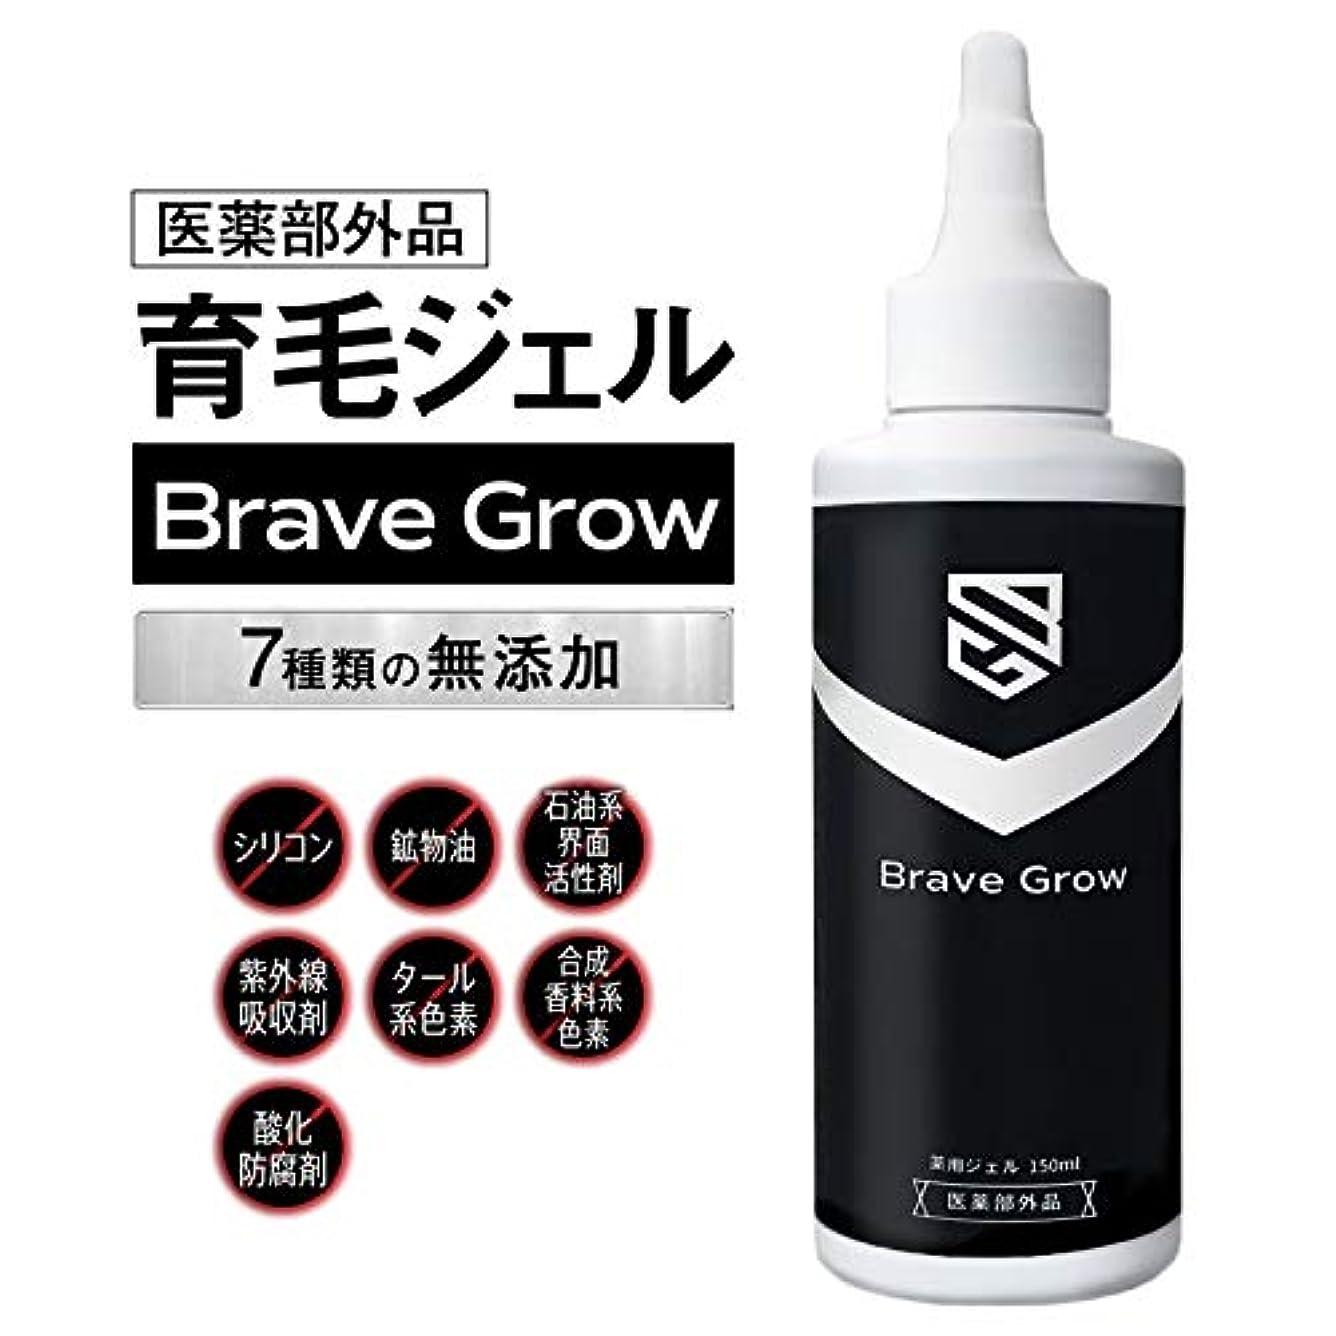 ジャグリング突然空いている育毛剤 BraveGrow ブレイブグロー 150ml 【医薬部外品】ジェルタイプ 男性